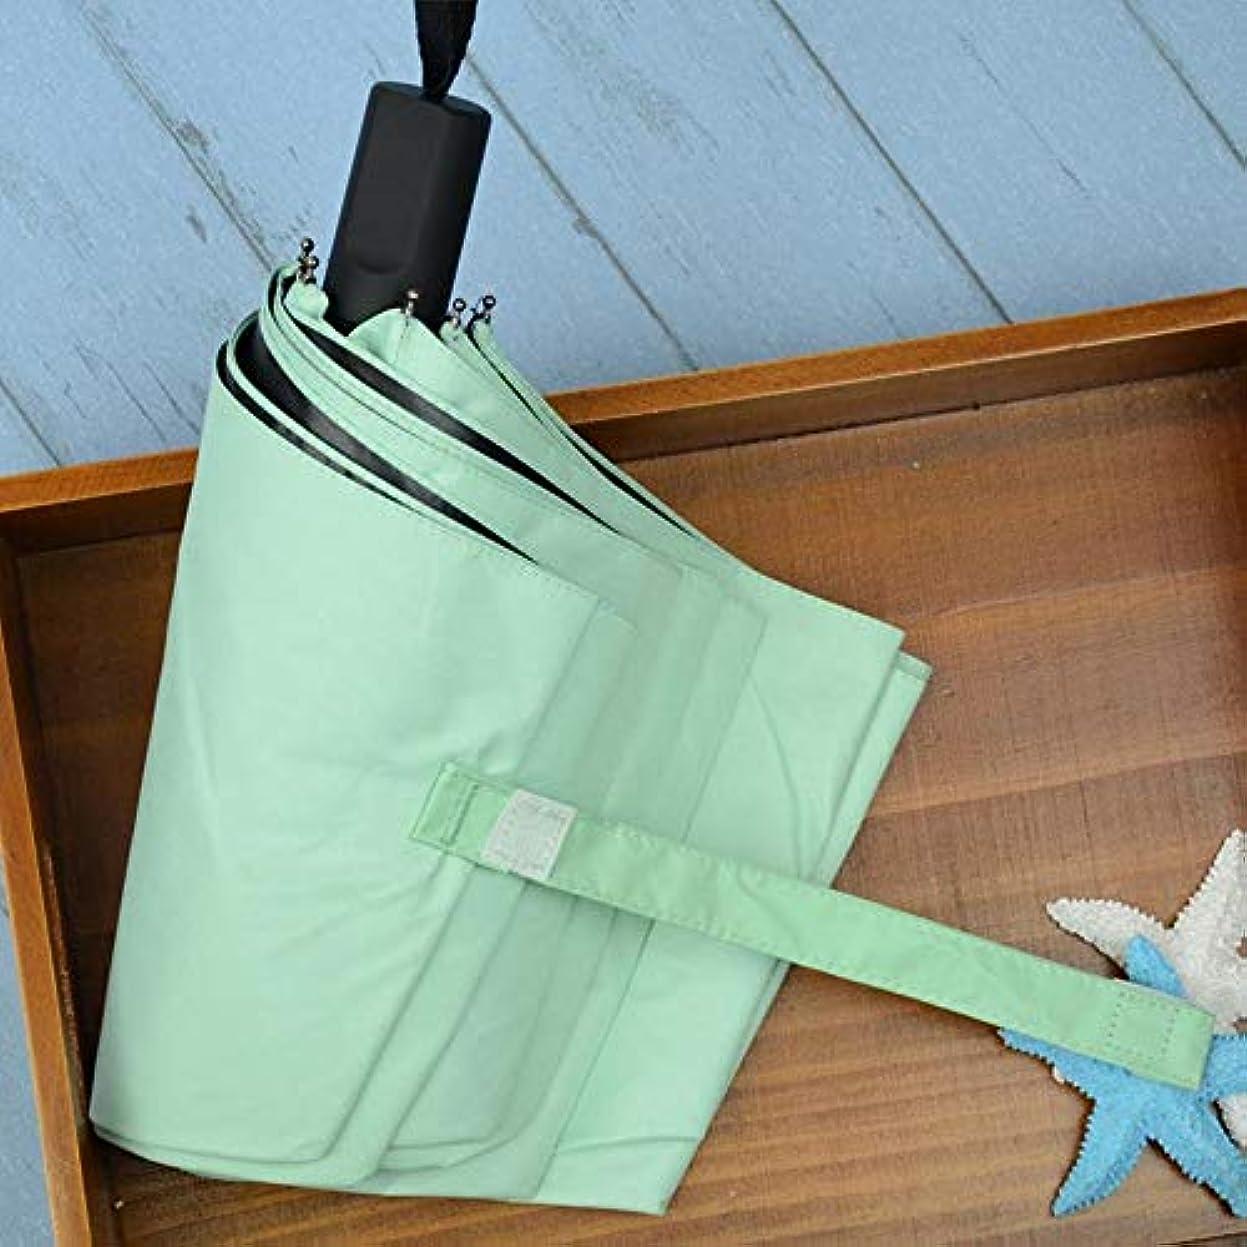 実施する上下する接辞Chuangshengnet 傘日当たりの良い傘折りたたみ傘無地UV保護ビニール傘 (Color : ピンク)